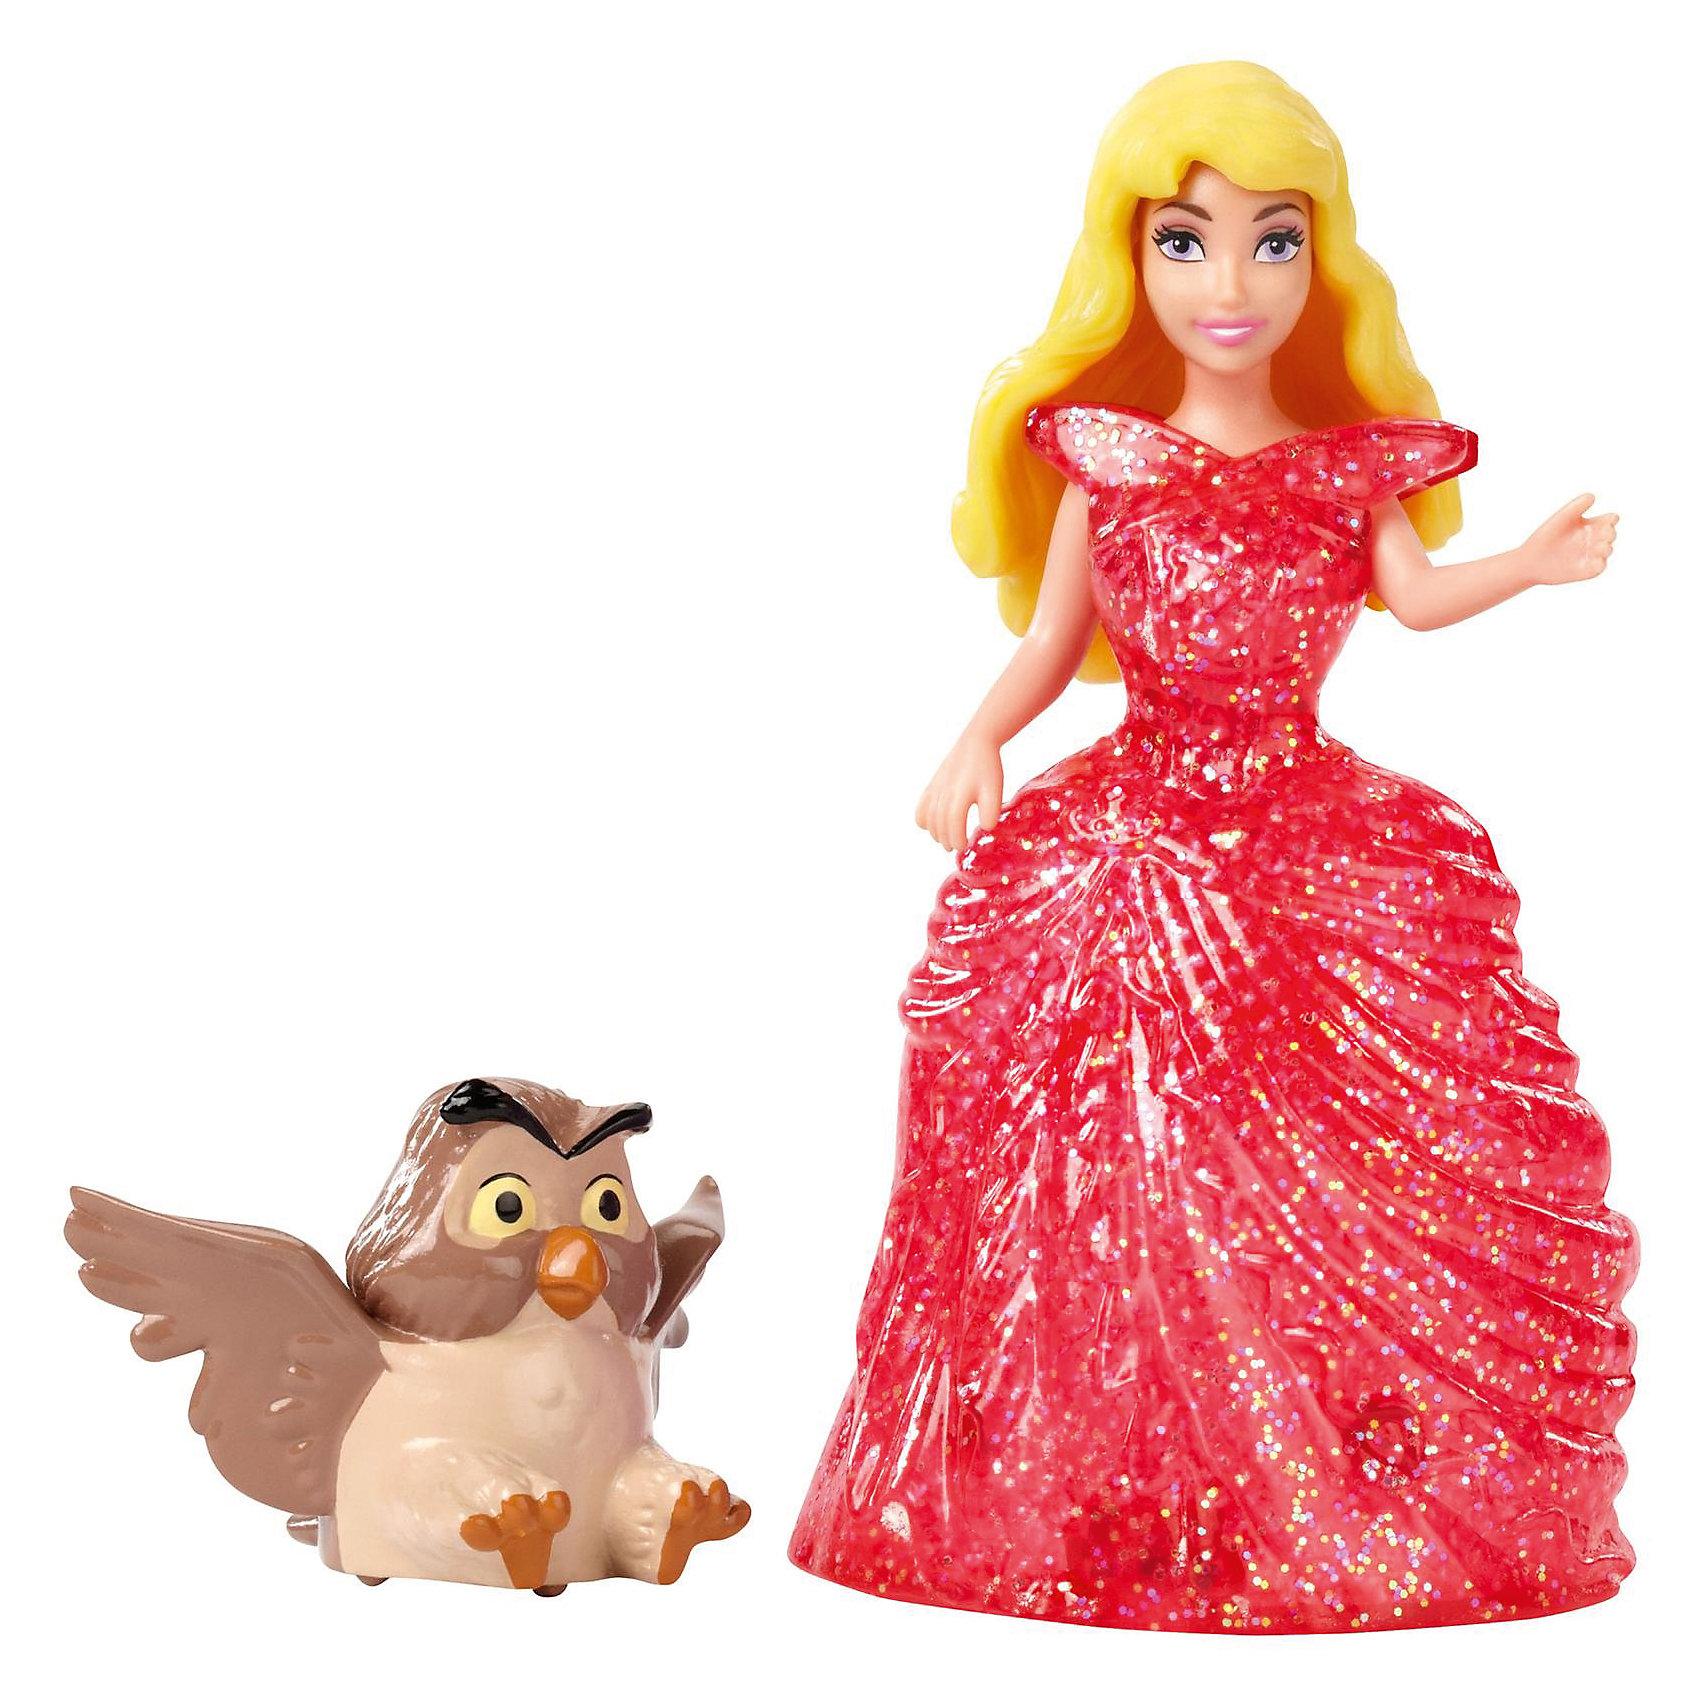 Mattel Кукла со снимающимся платьем, в ассортименте, Принцессы Дисней спящая красавица